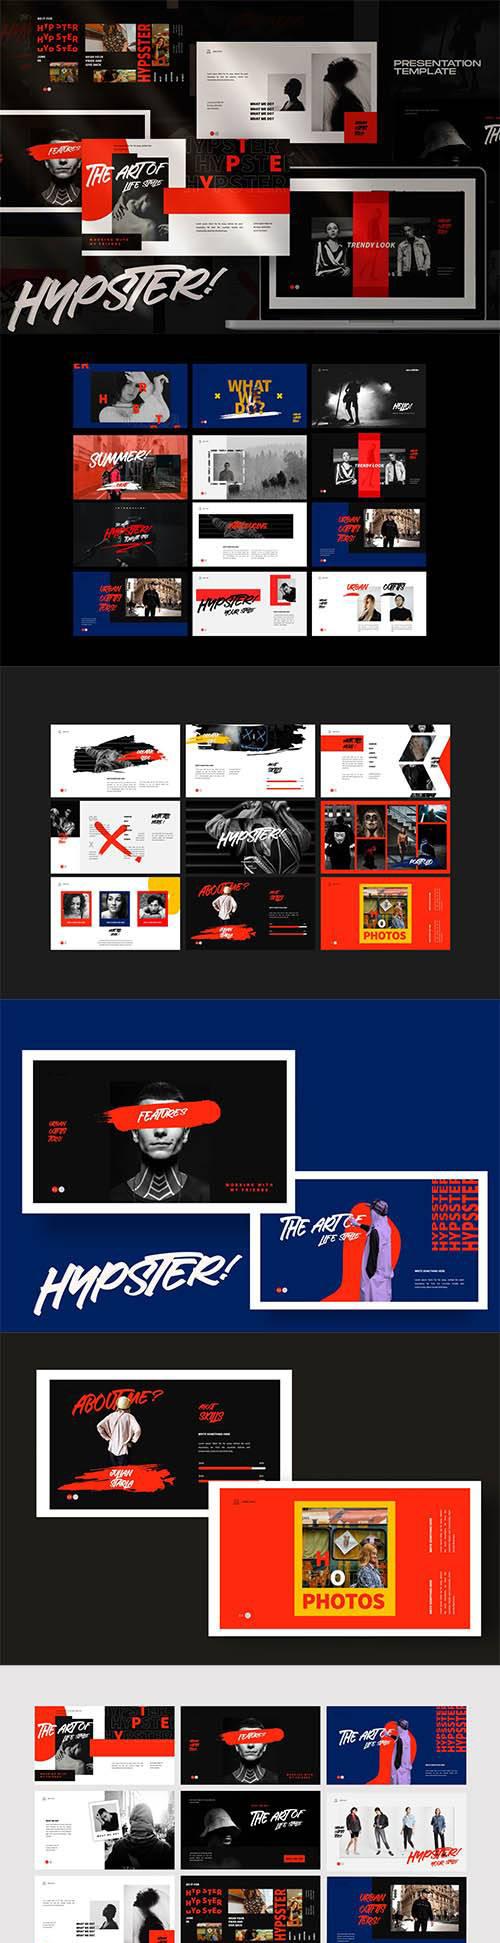 时尚多用途服装品牌摄影作品集PPT幻灯片模板素材 Hypester – urban design creative powerpoint插图(2)